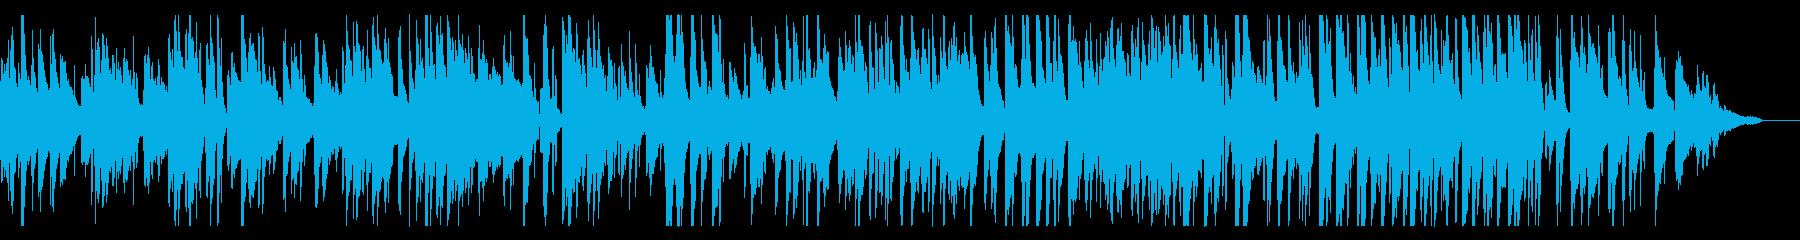 グルメ番組などに合いそうなJazz2の再生済みの波形